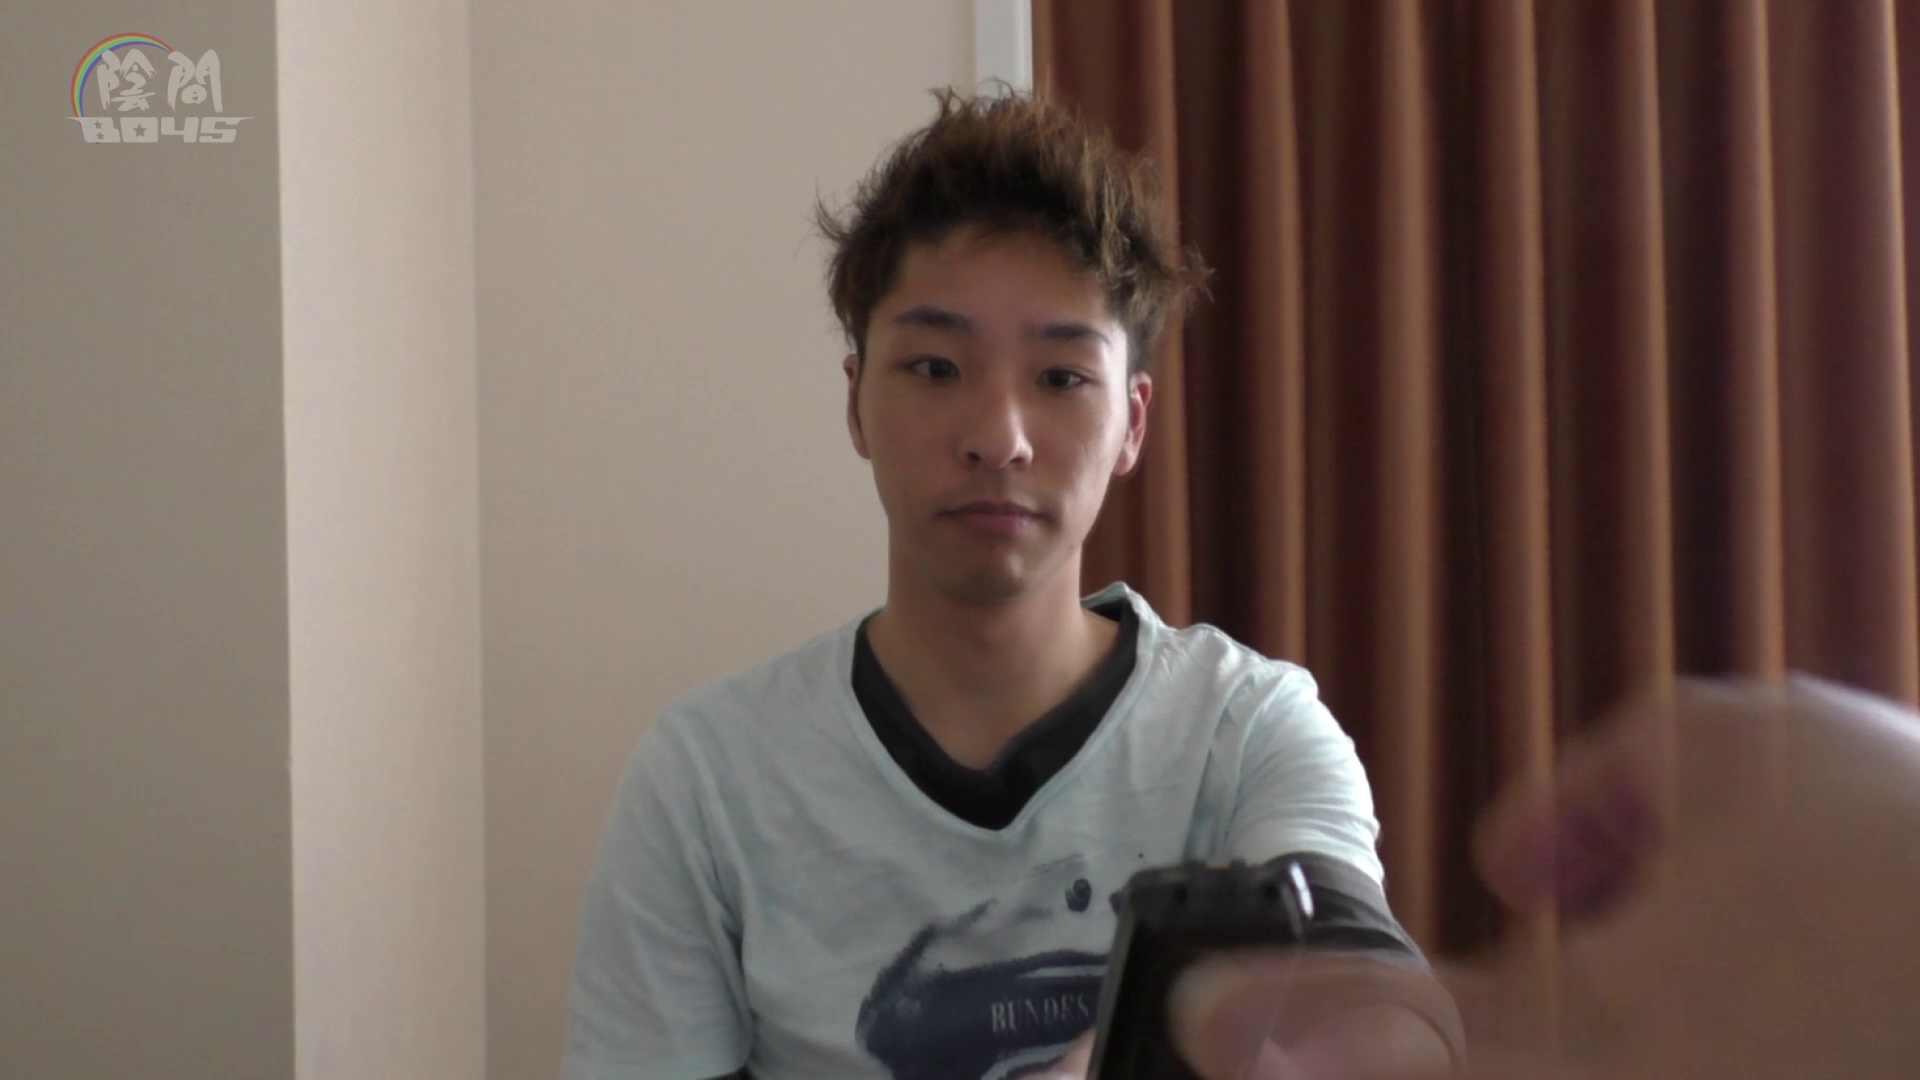 デカチン探偵かしこまりpart2 No.08 ★★★シリーズ ゲイ無修正ビデオ画像 70pic 10